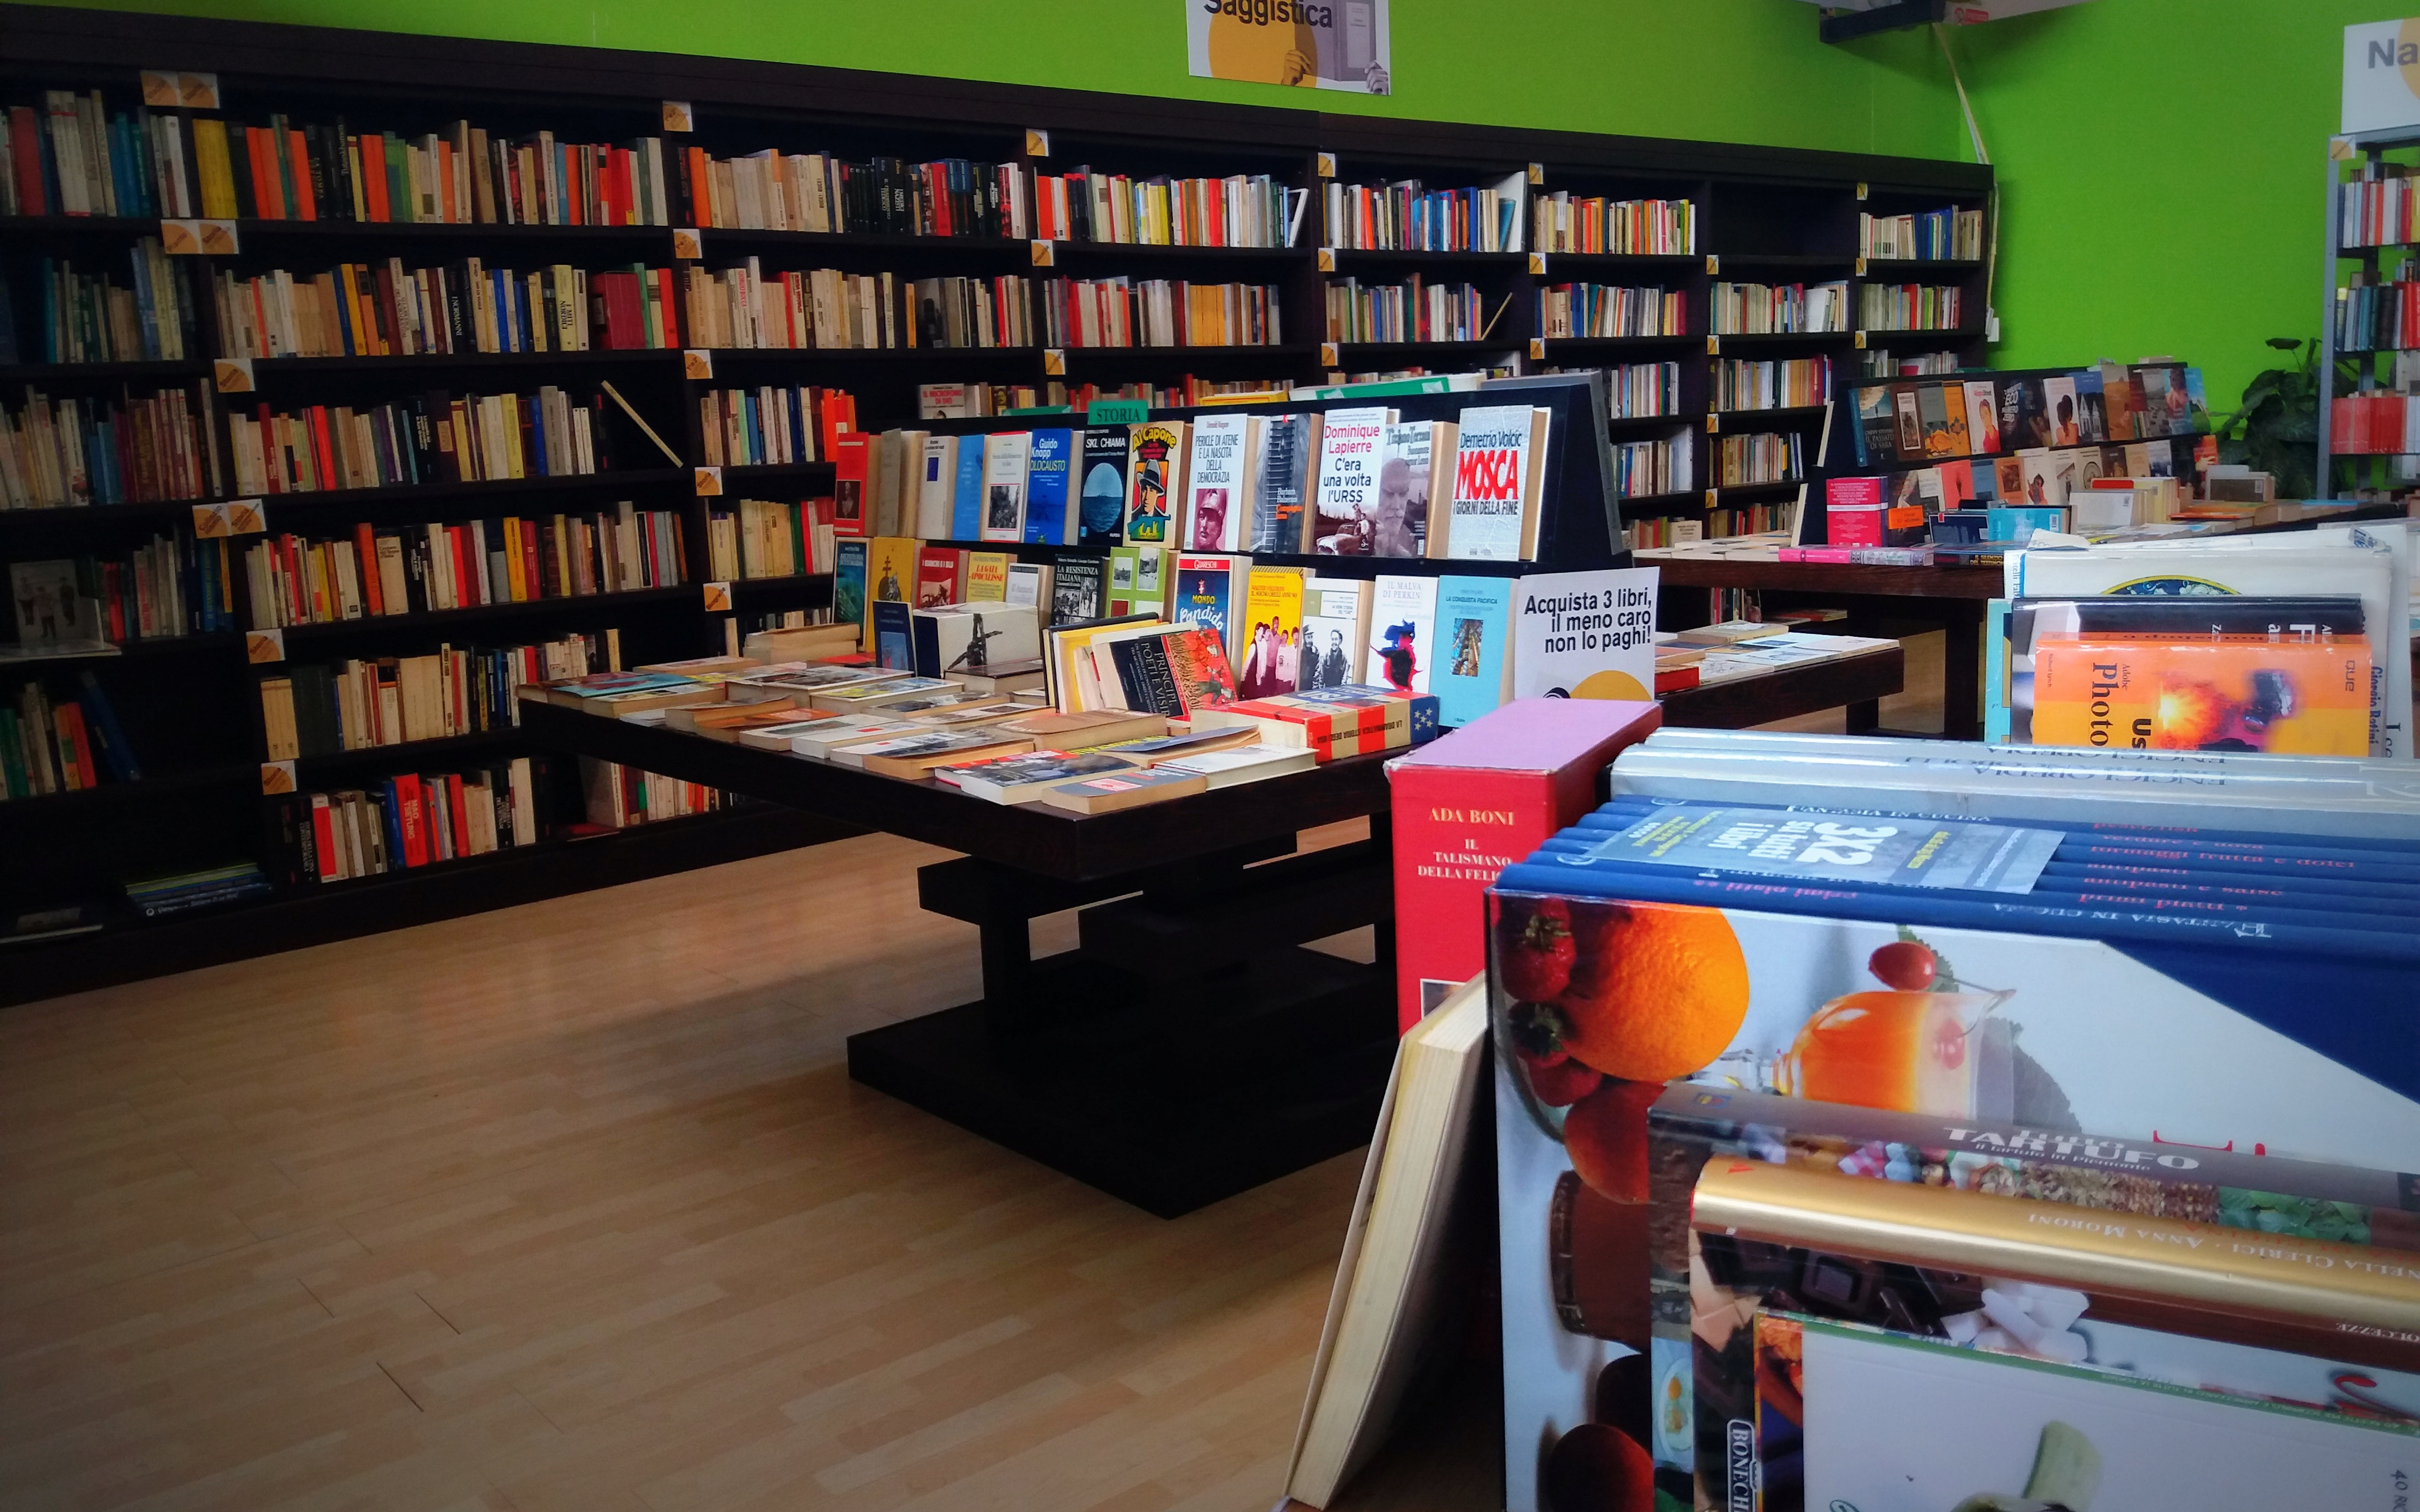 Libri usati nel negozio di Cambiago